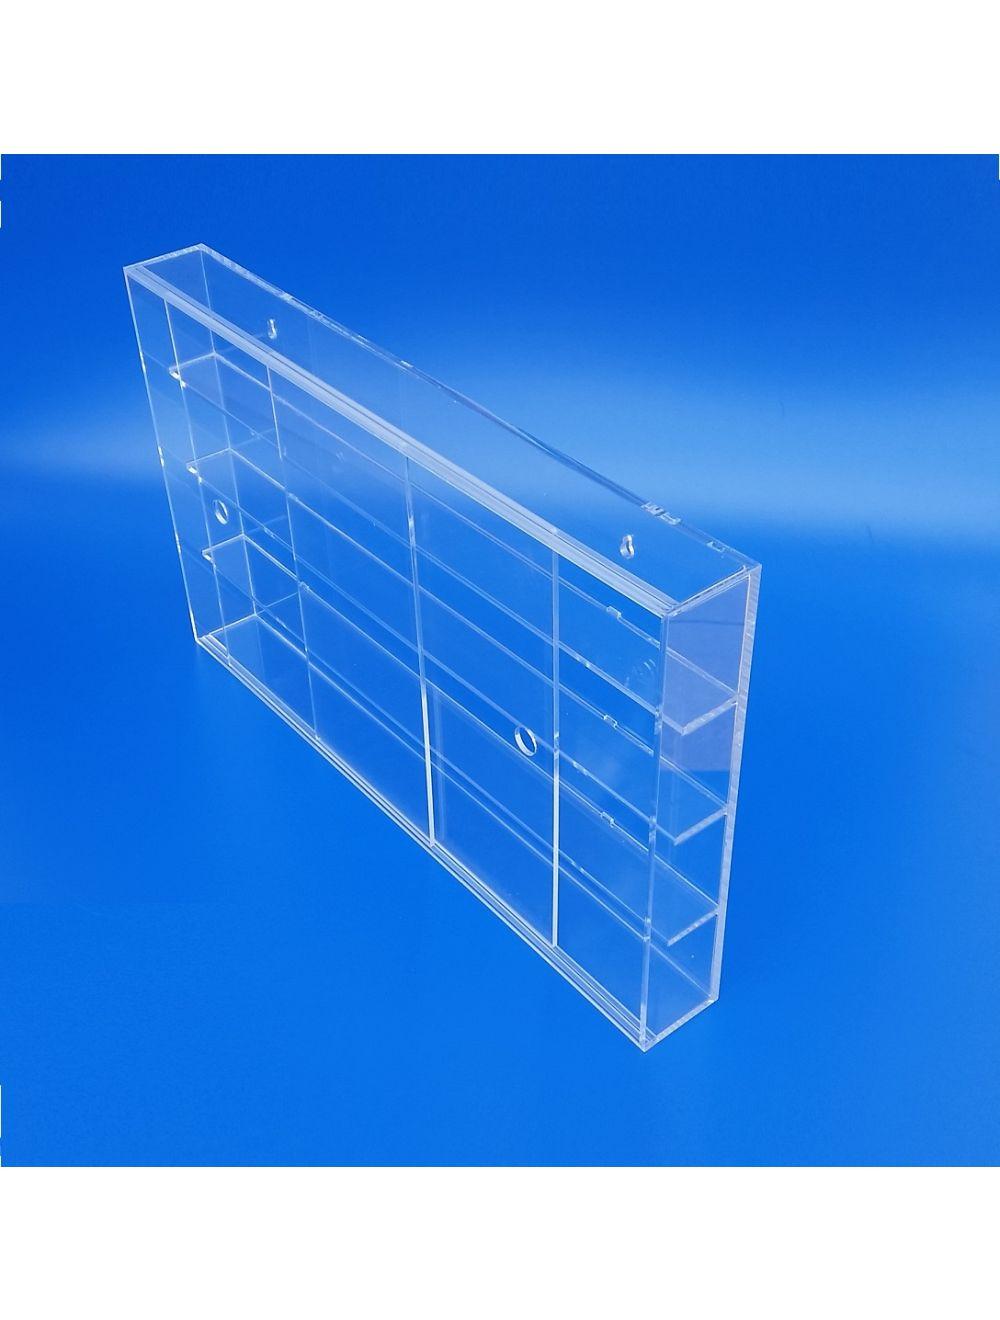 Ante Scorrevoli In Plexiglass.Vetrinetta In Plexiglass Con Ante Scorrevoli Su Misura Per Modellismo E Collezionismo Lego